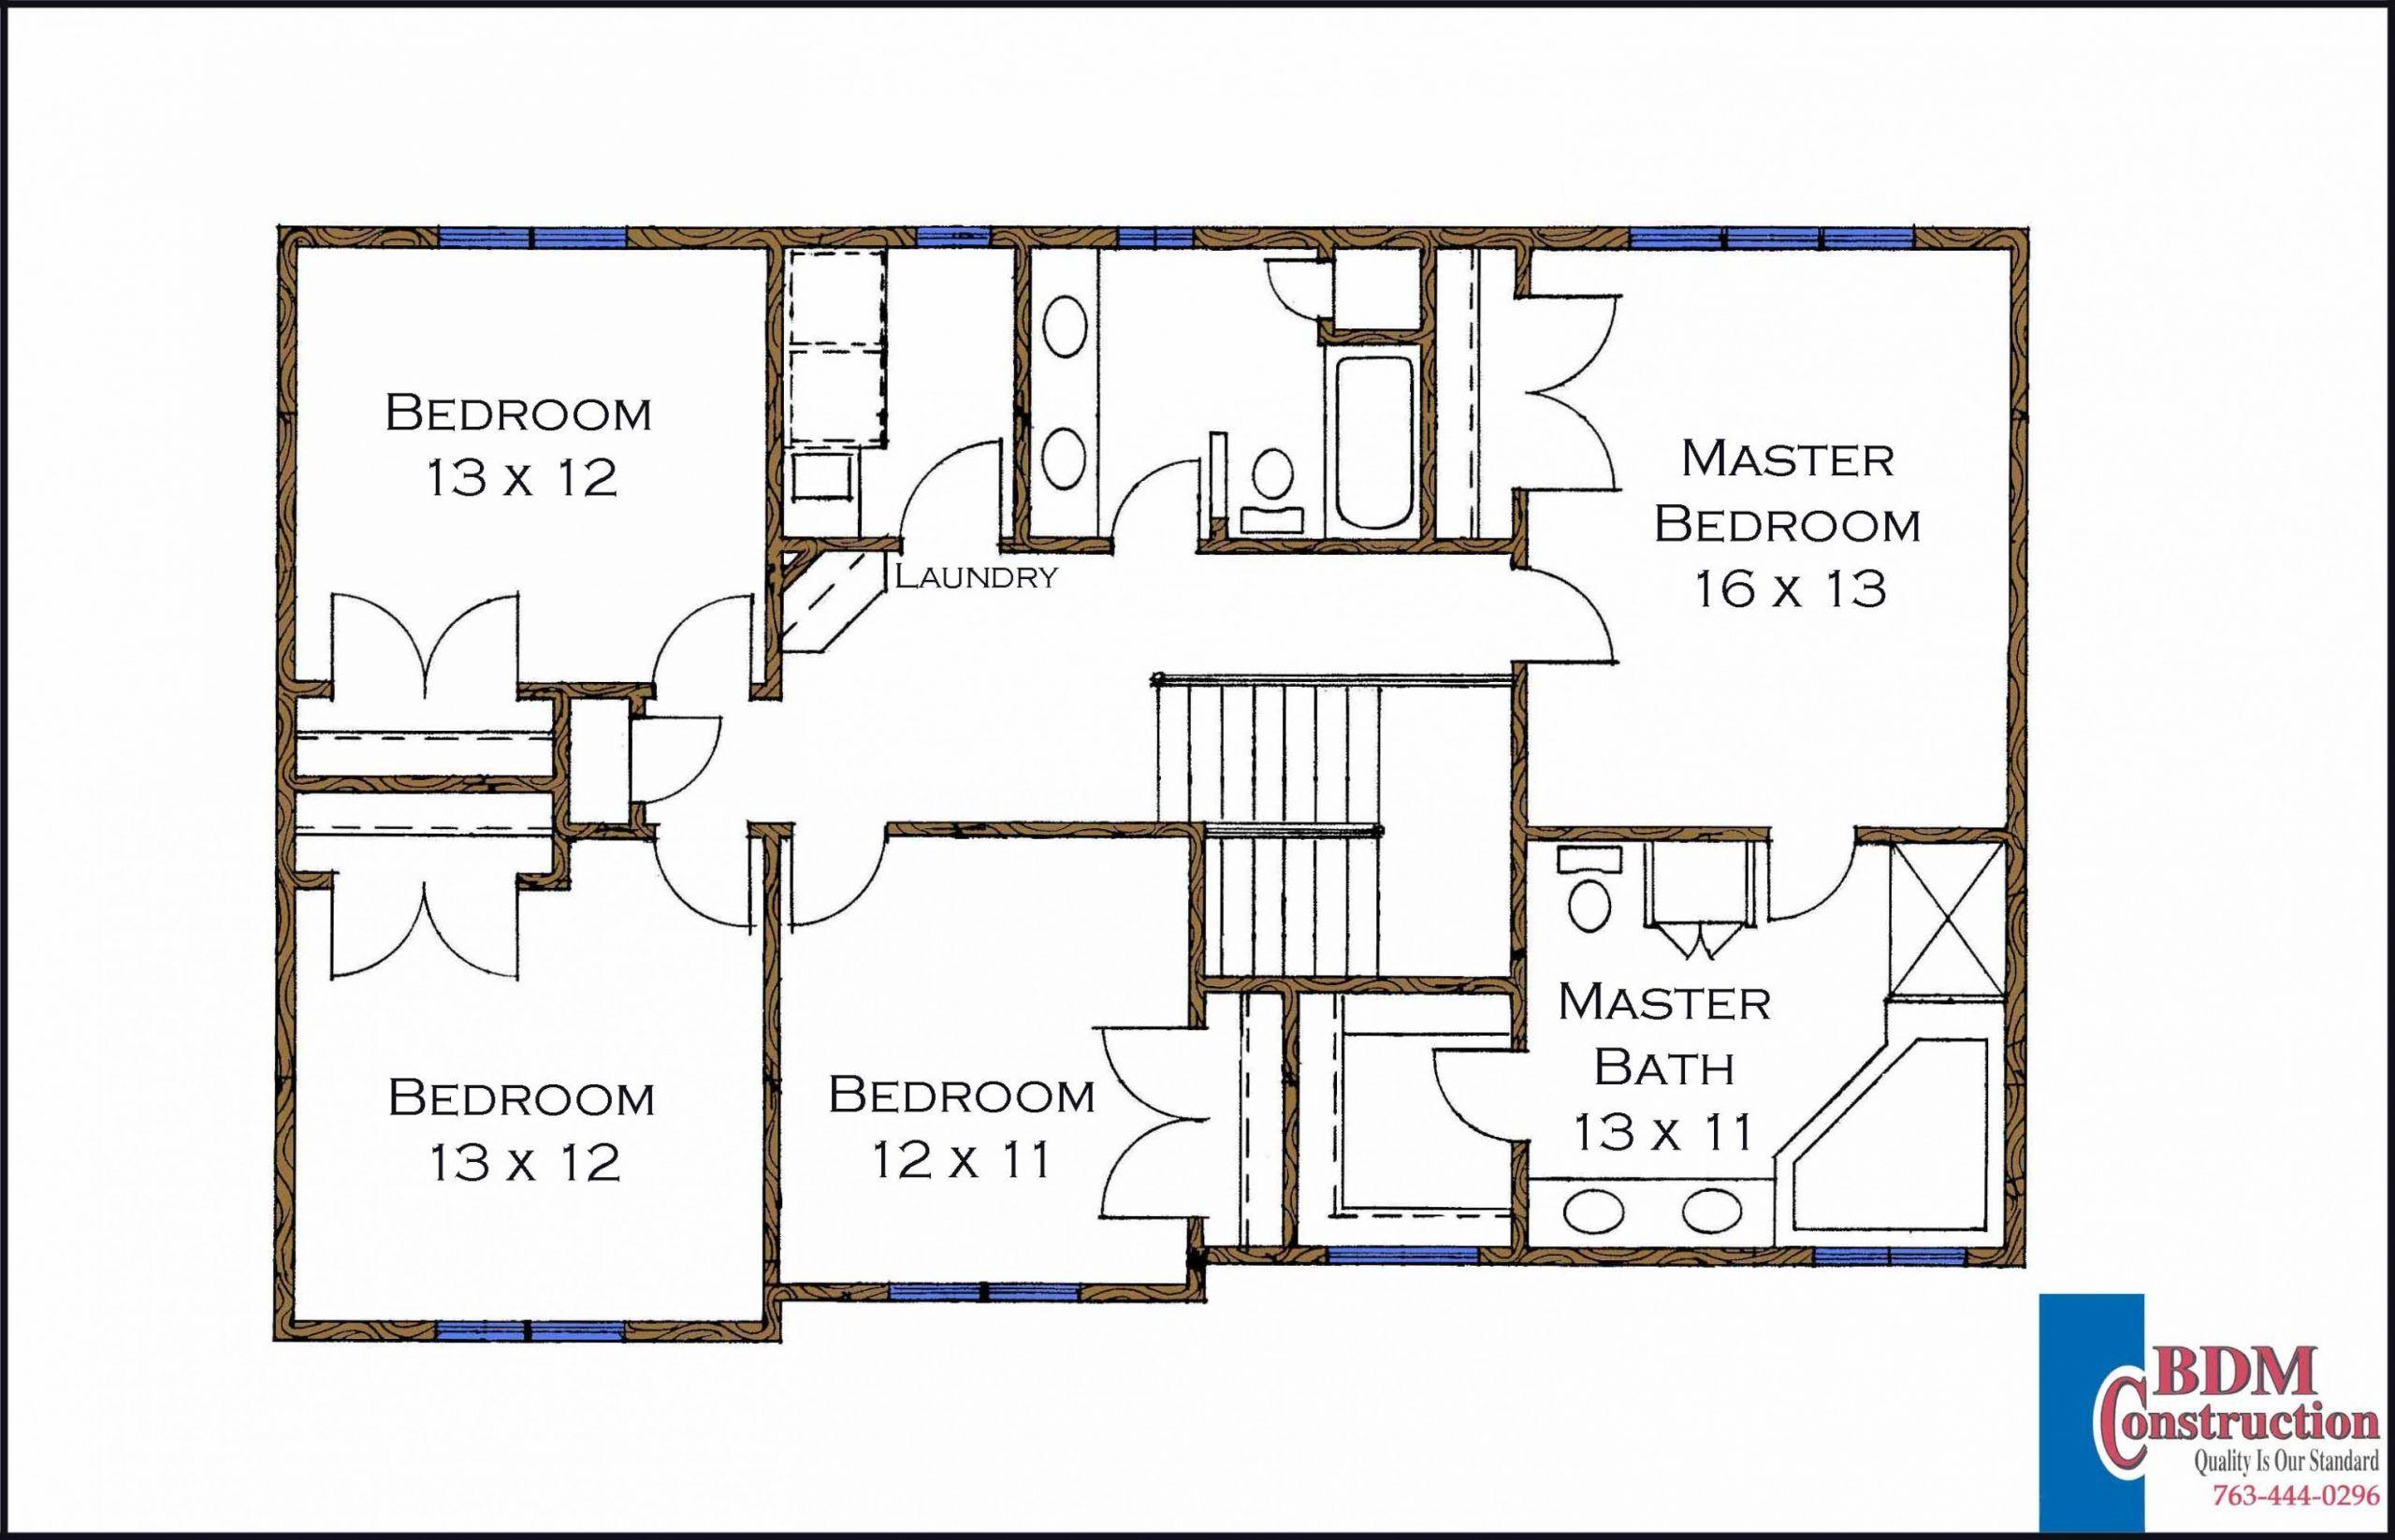 Bedroom Floor Plan With Walk In Closet